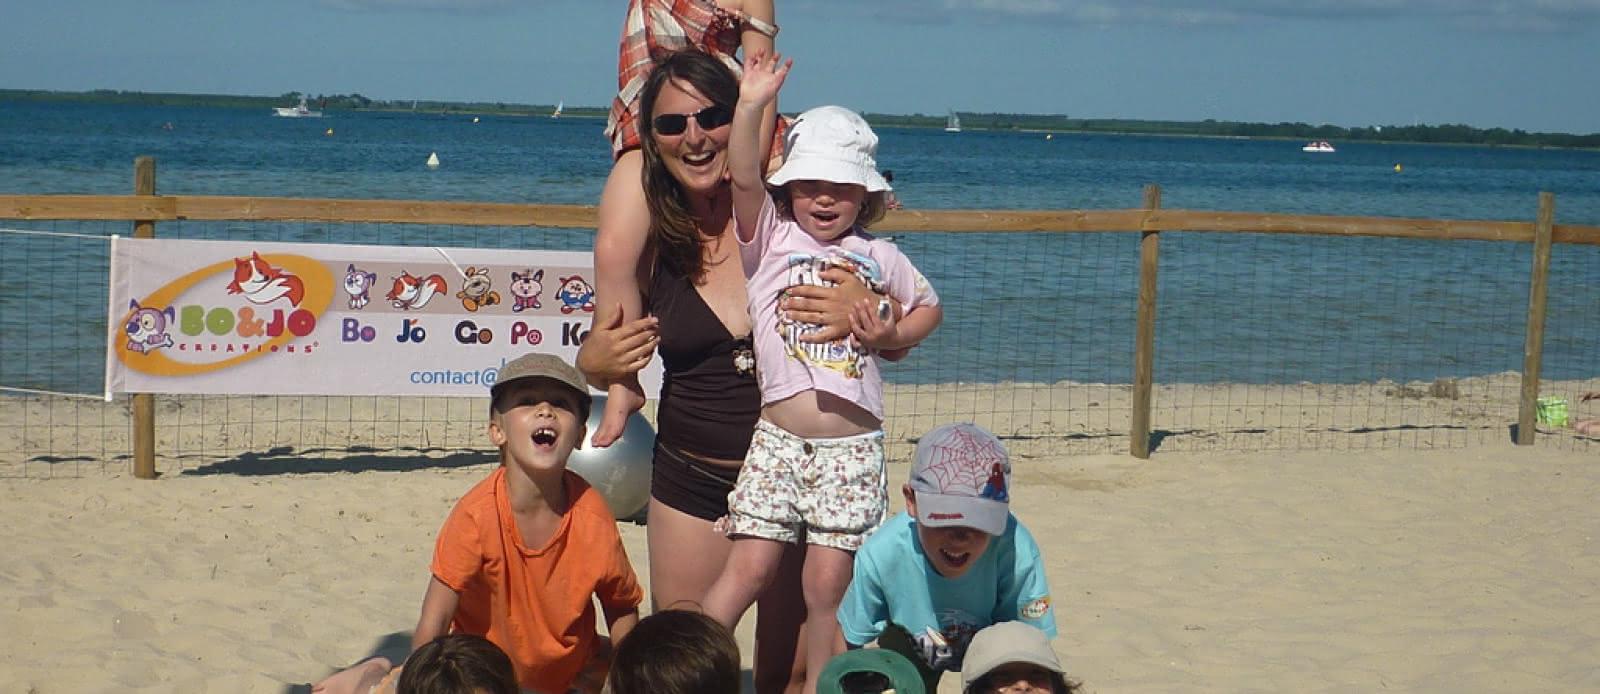 Bo and jo club de plage les acrobates (2)